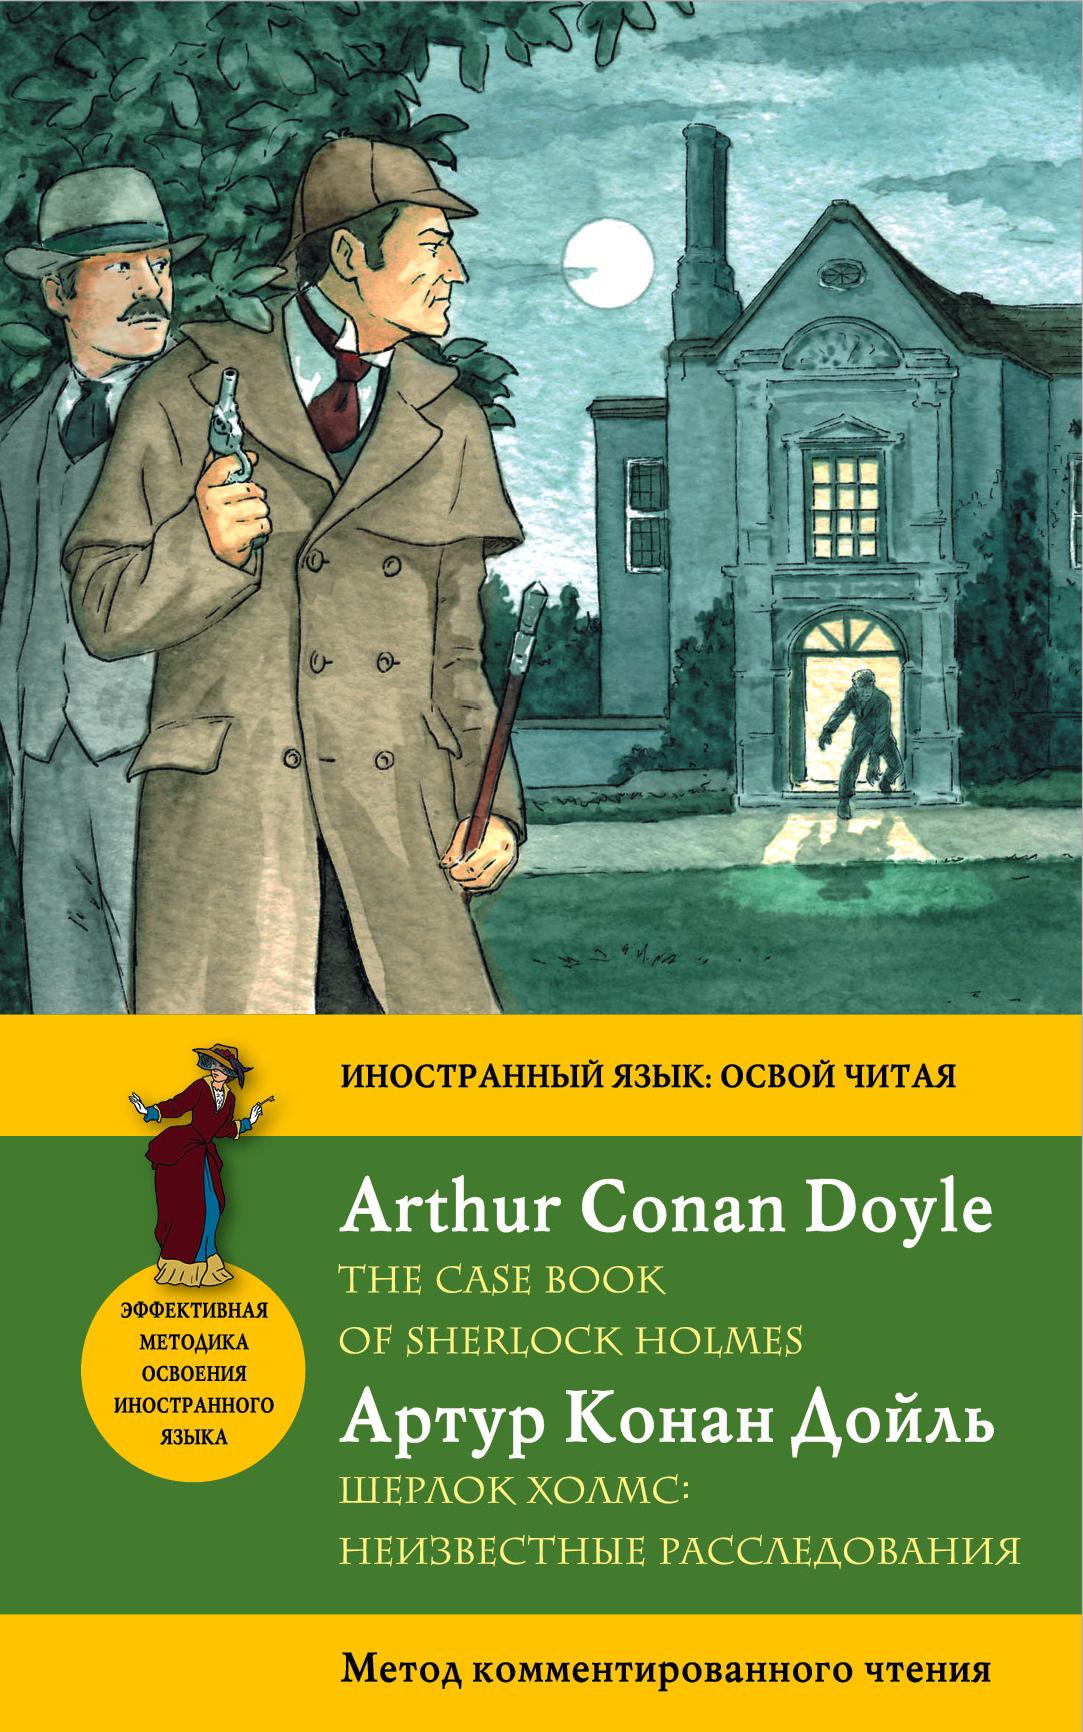 Шерлок Холмс: Неизвестные расследования = The Case Book of Sherlock Holmes. Метод комментированного чтения